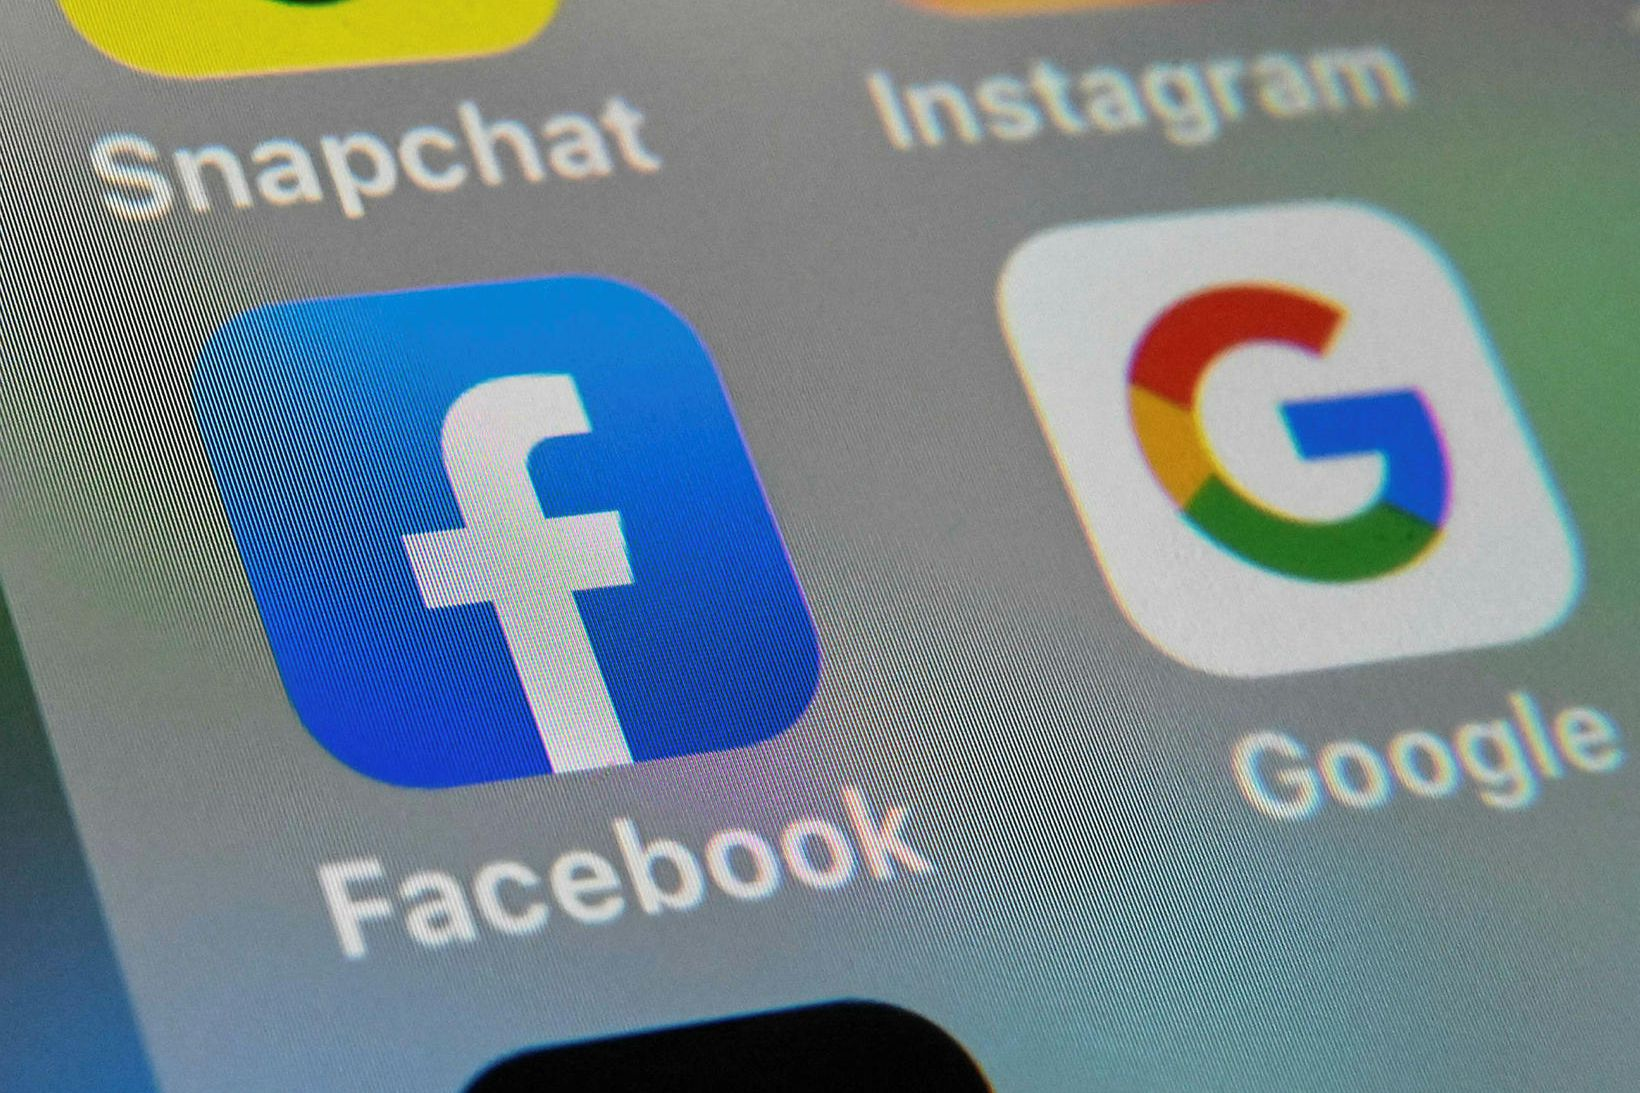 Nota má Facebook og Google til að ná til fólks …